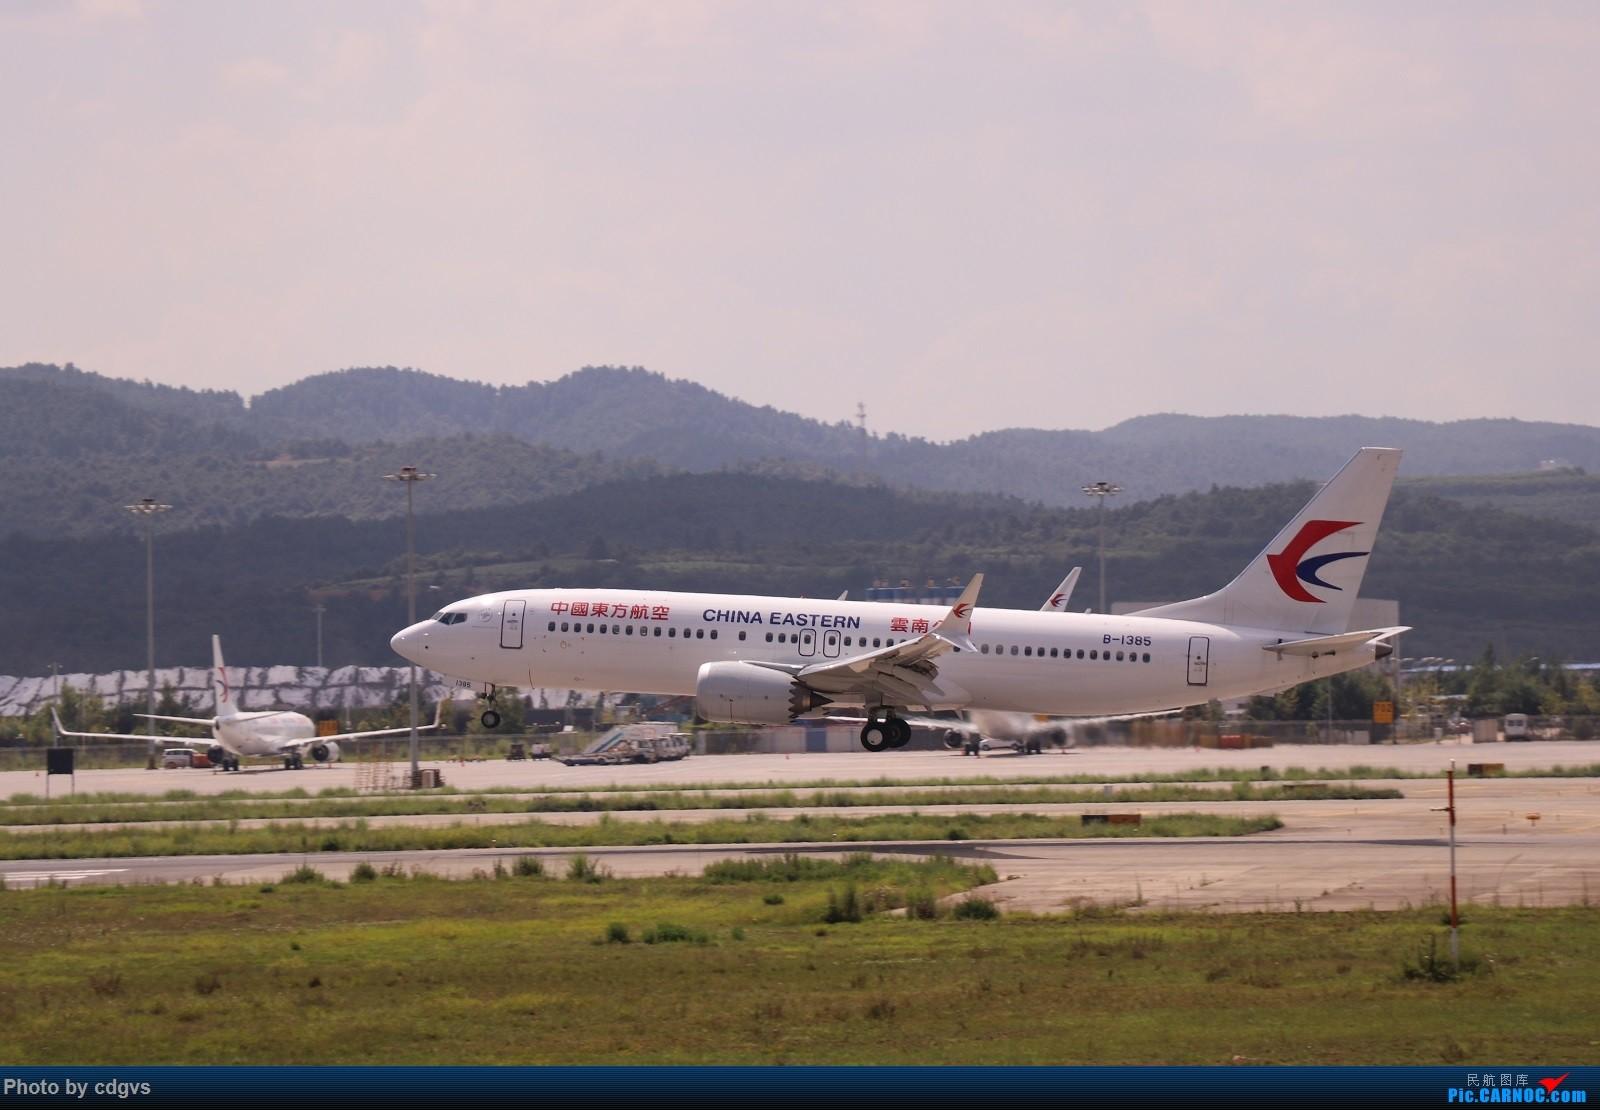 Re:[原创]【KMG】昆明的一天 1600大图 一次看个爽 BOEING 737MAX-8 B-1385 中国昆明长水国际机场